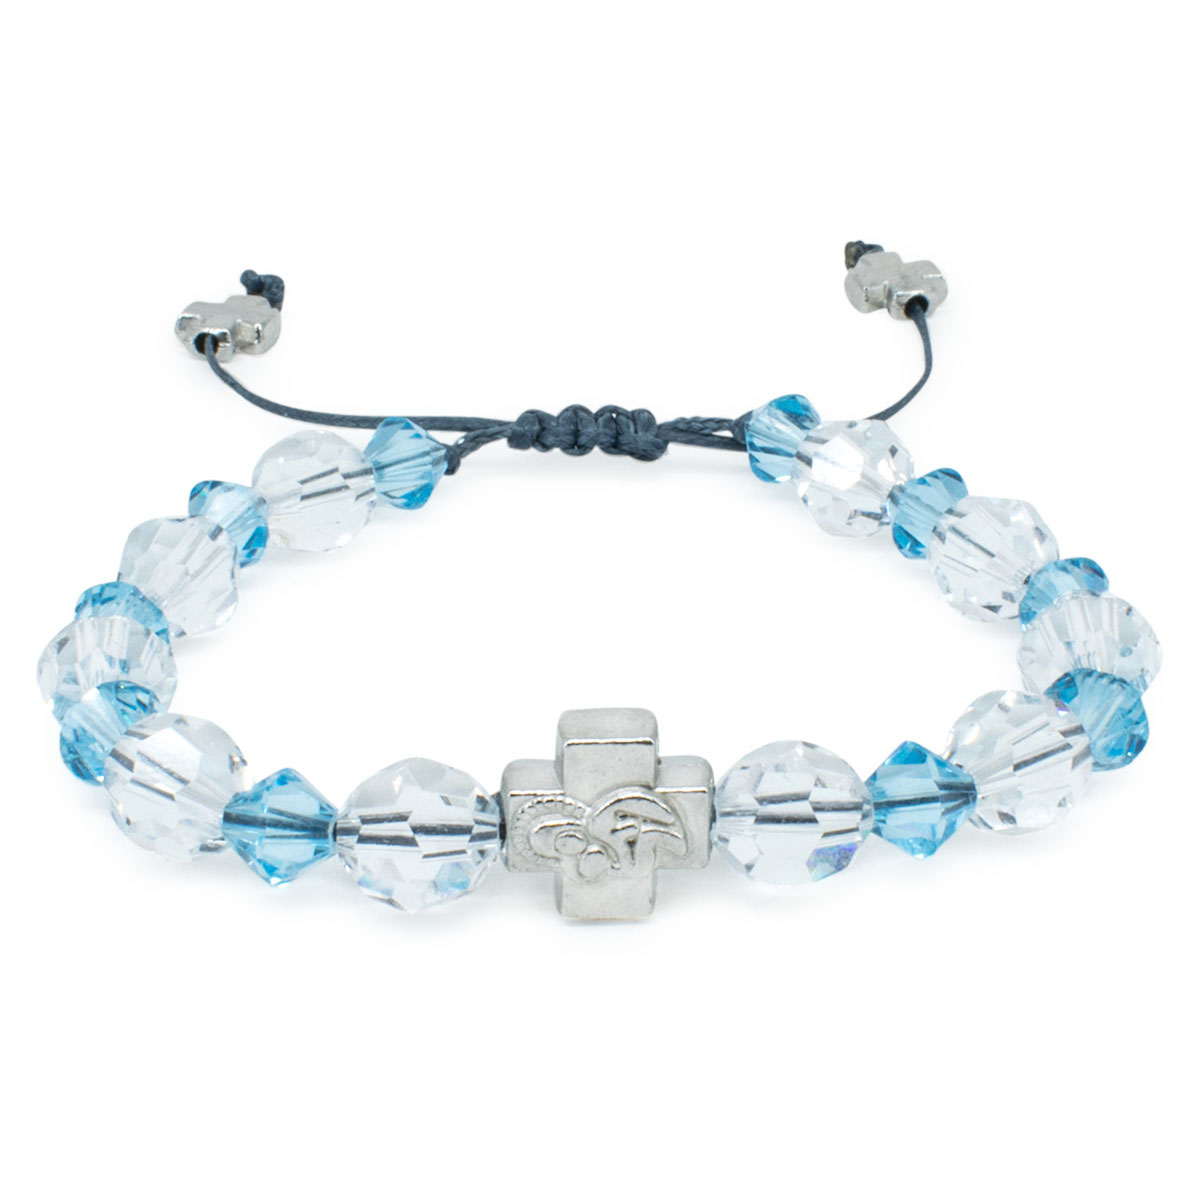 Swarovski Crystal Orthodox Bracelet